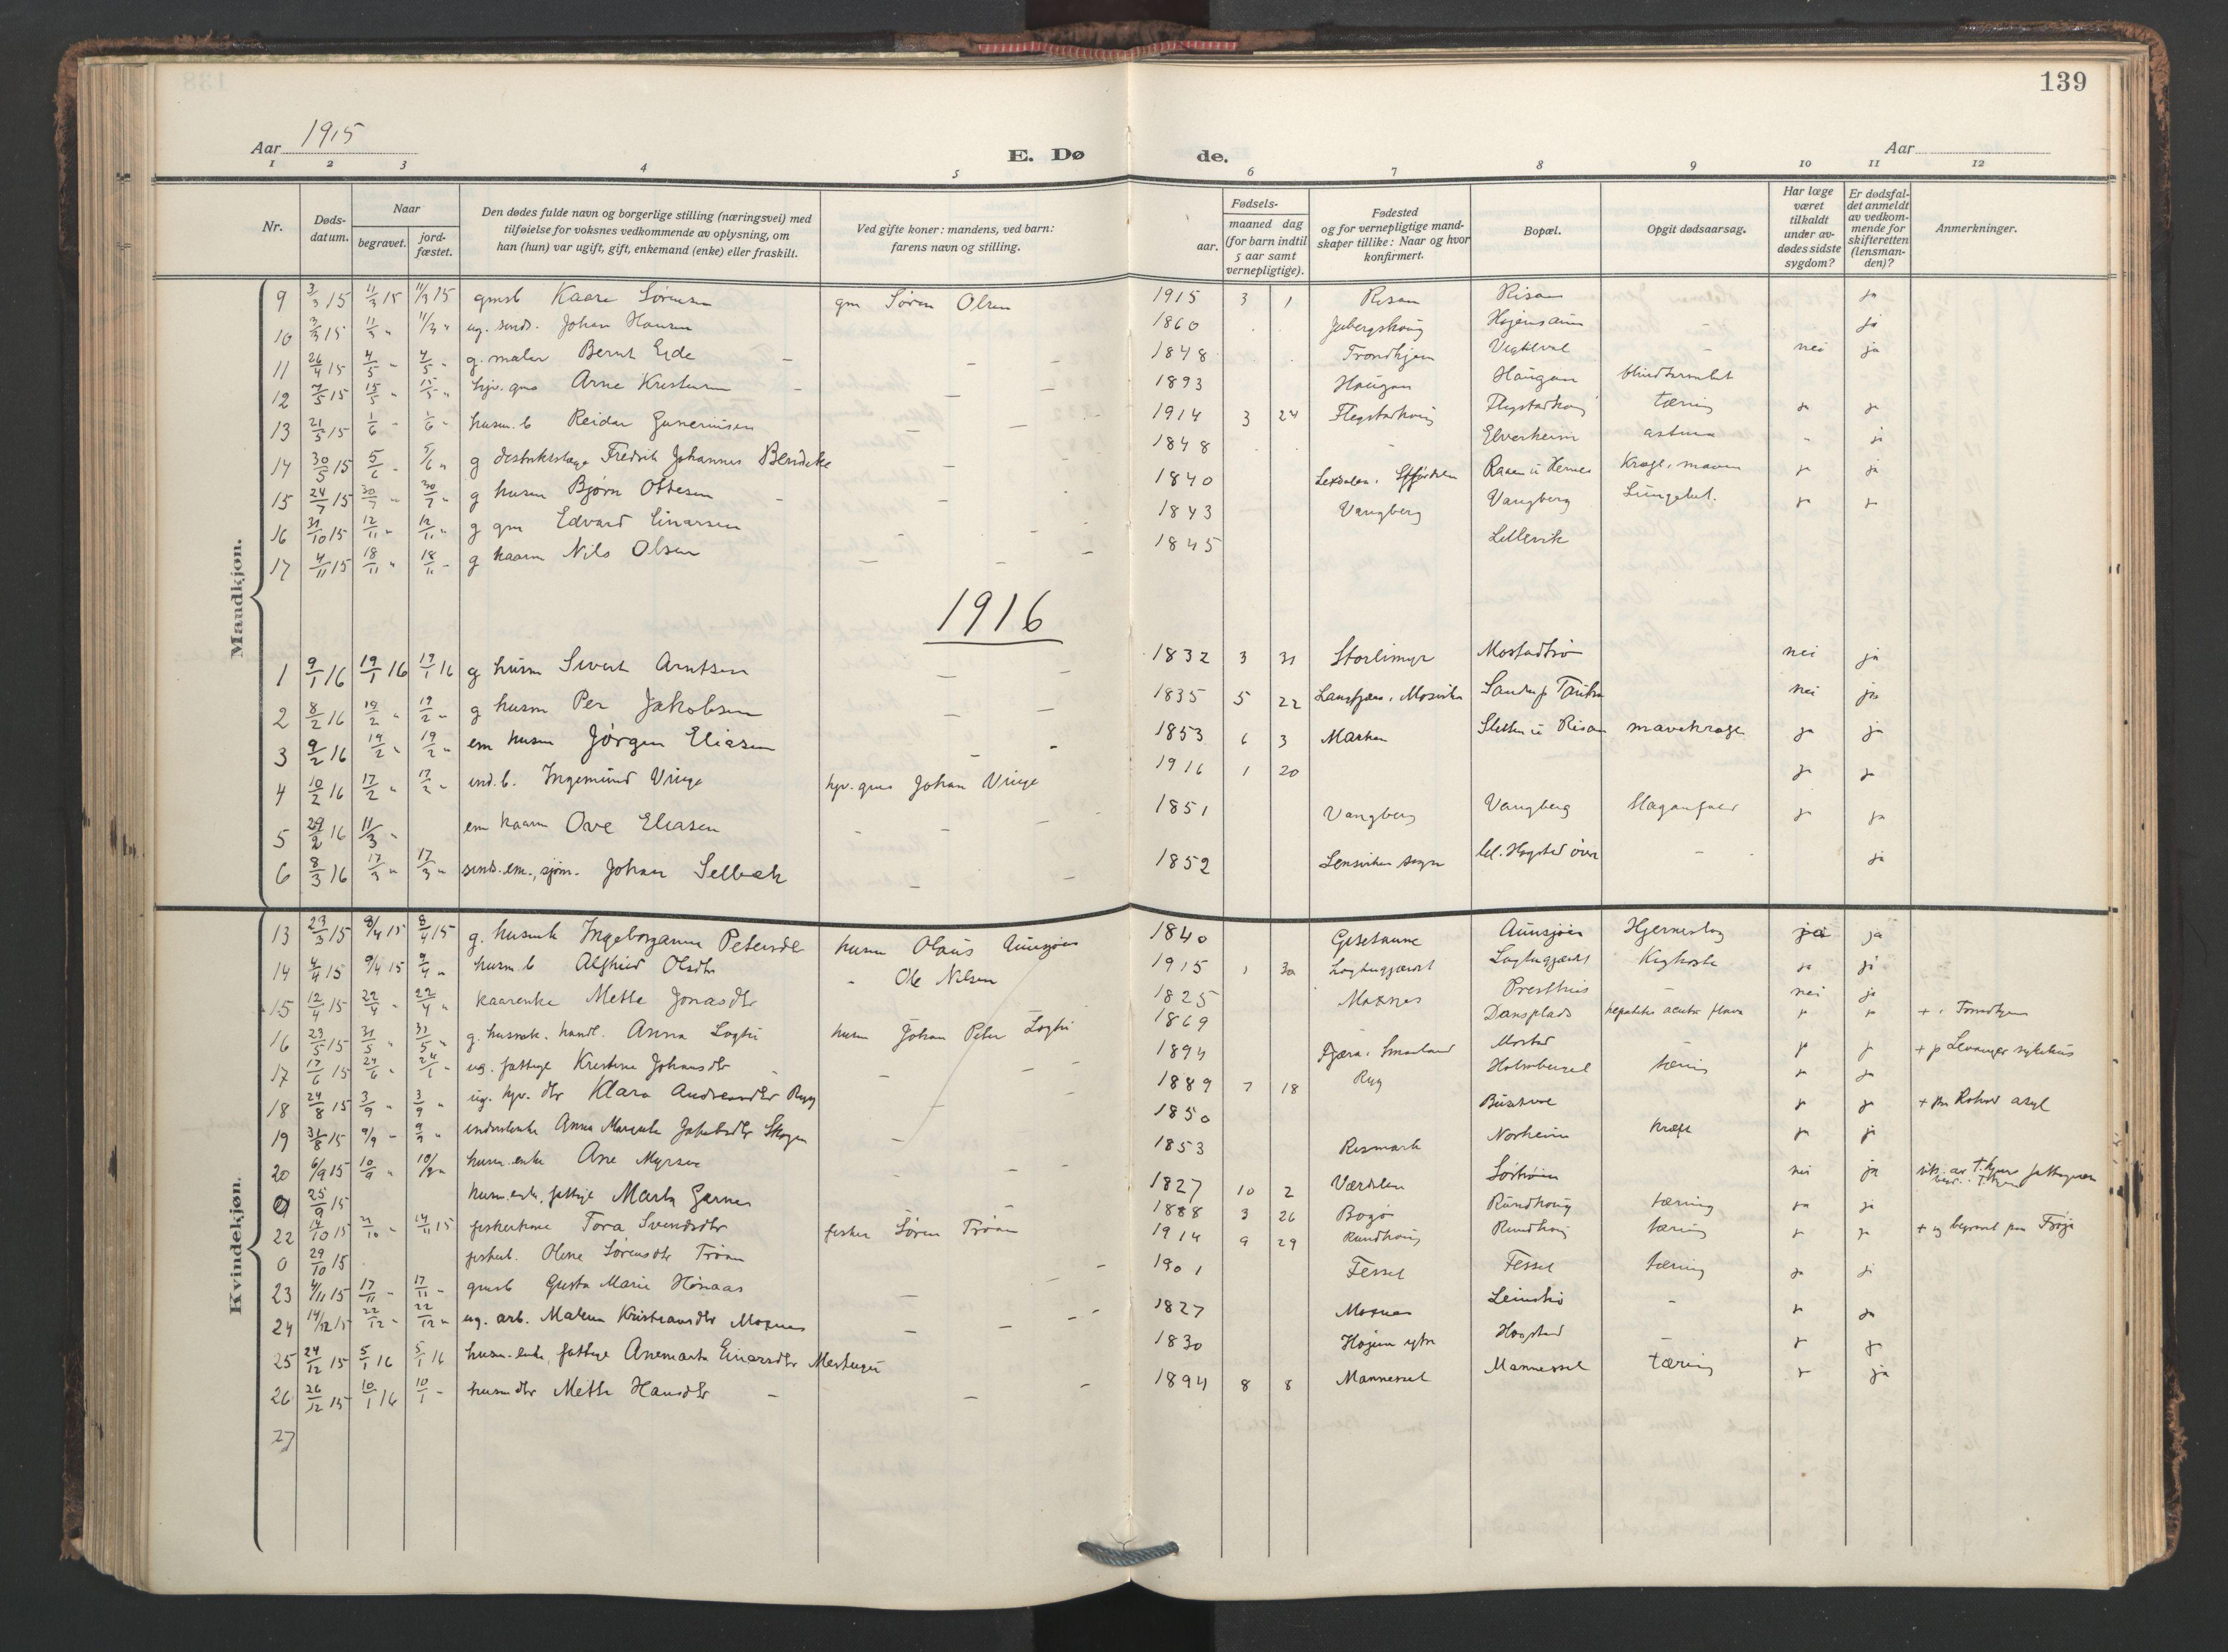 SAT, Ministerialprotokoller, klokkerbøker og fødselsregistre - Nord-Trøndelag, 713/L0123: Ministerialbok nr. 713A12, 1911-1925, s. 139